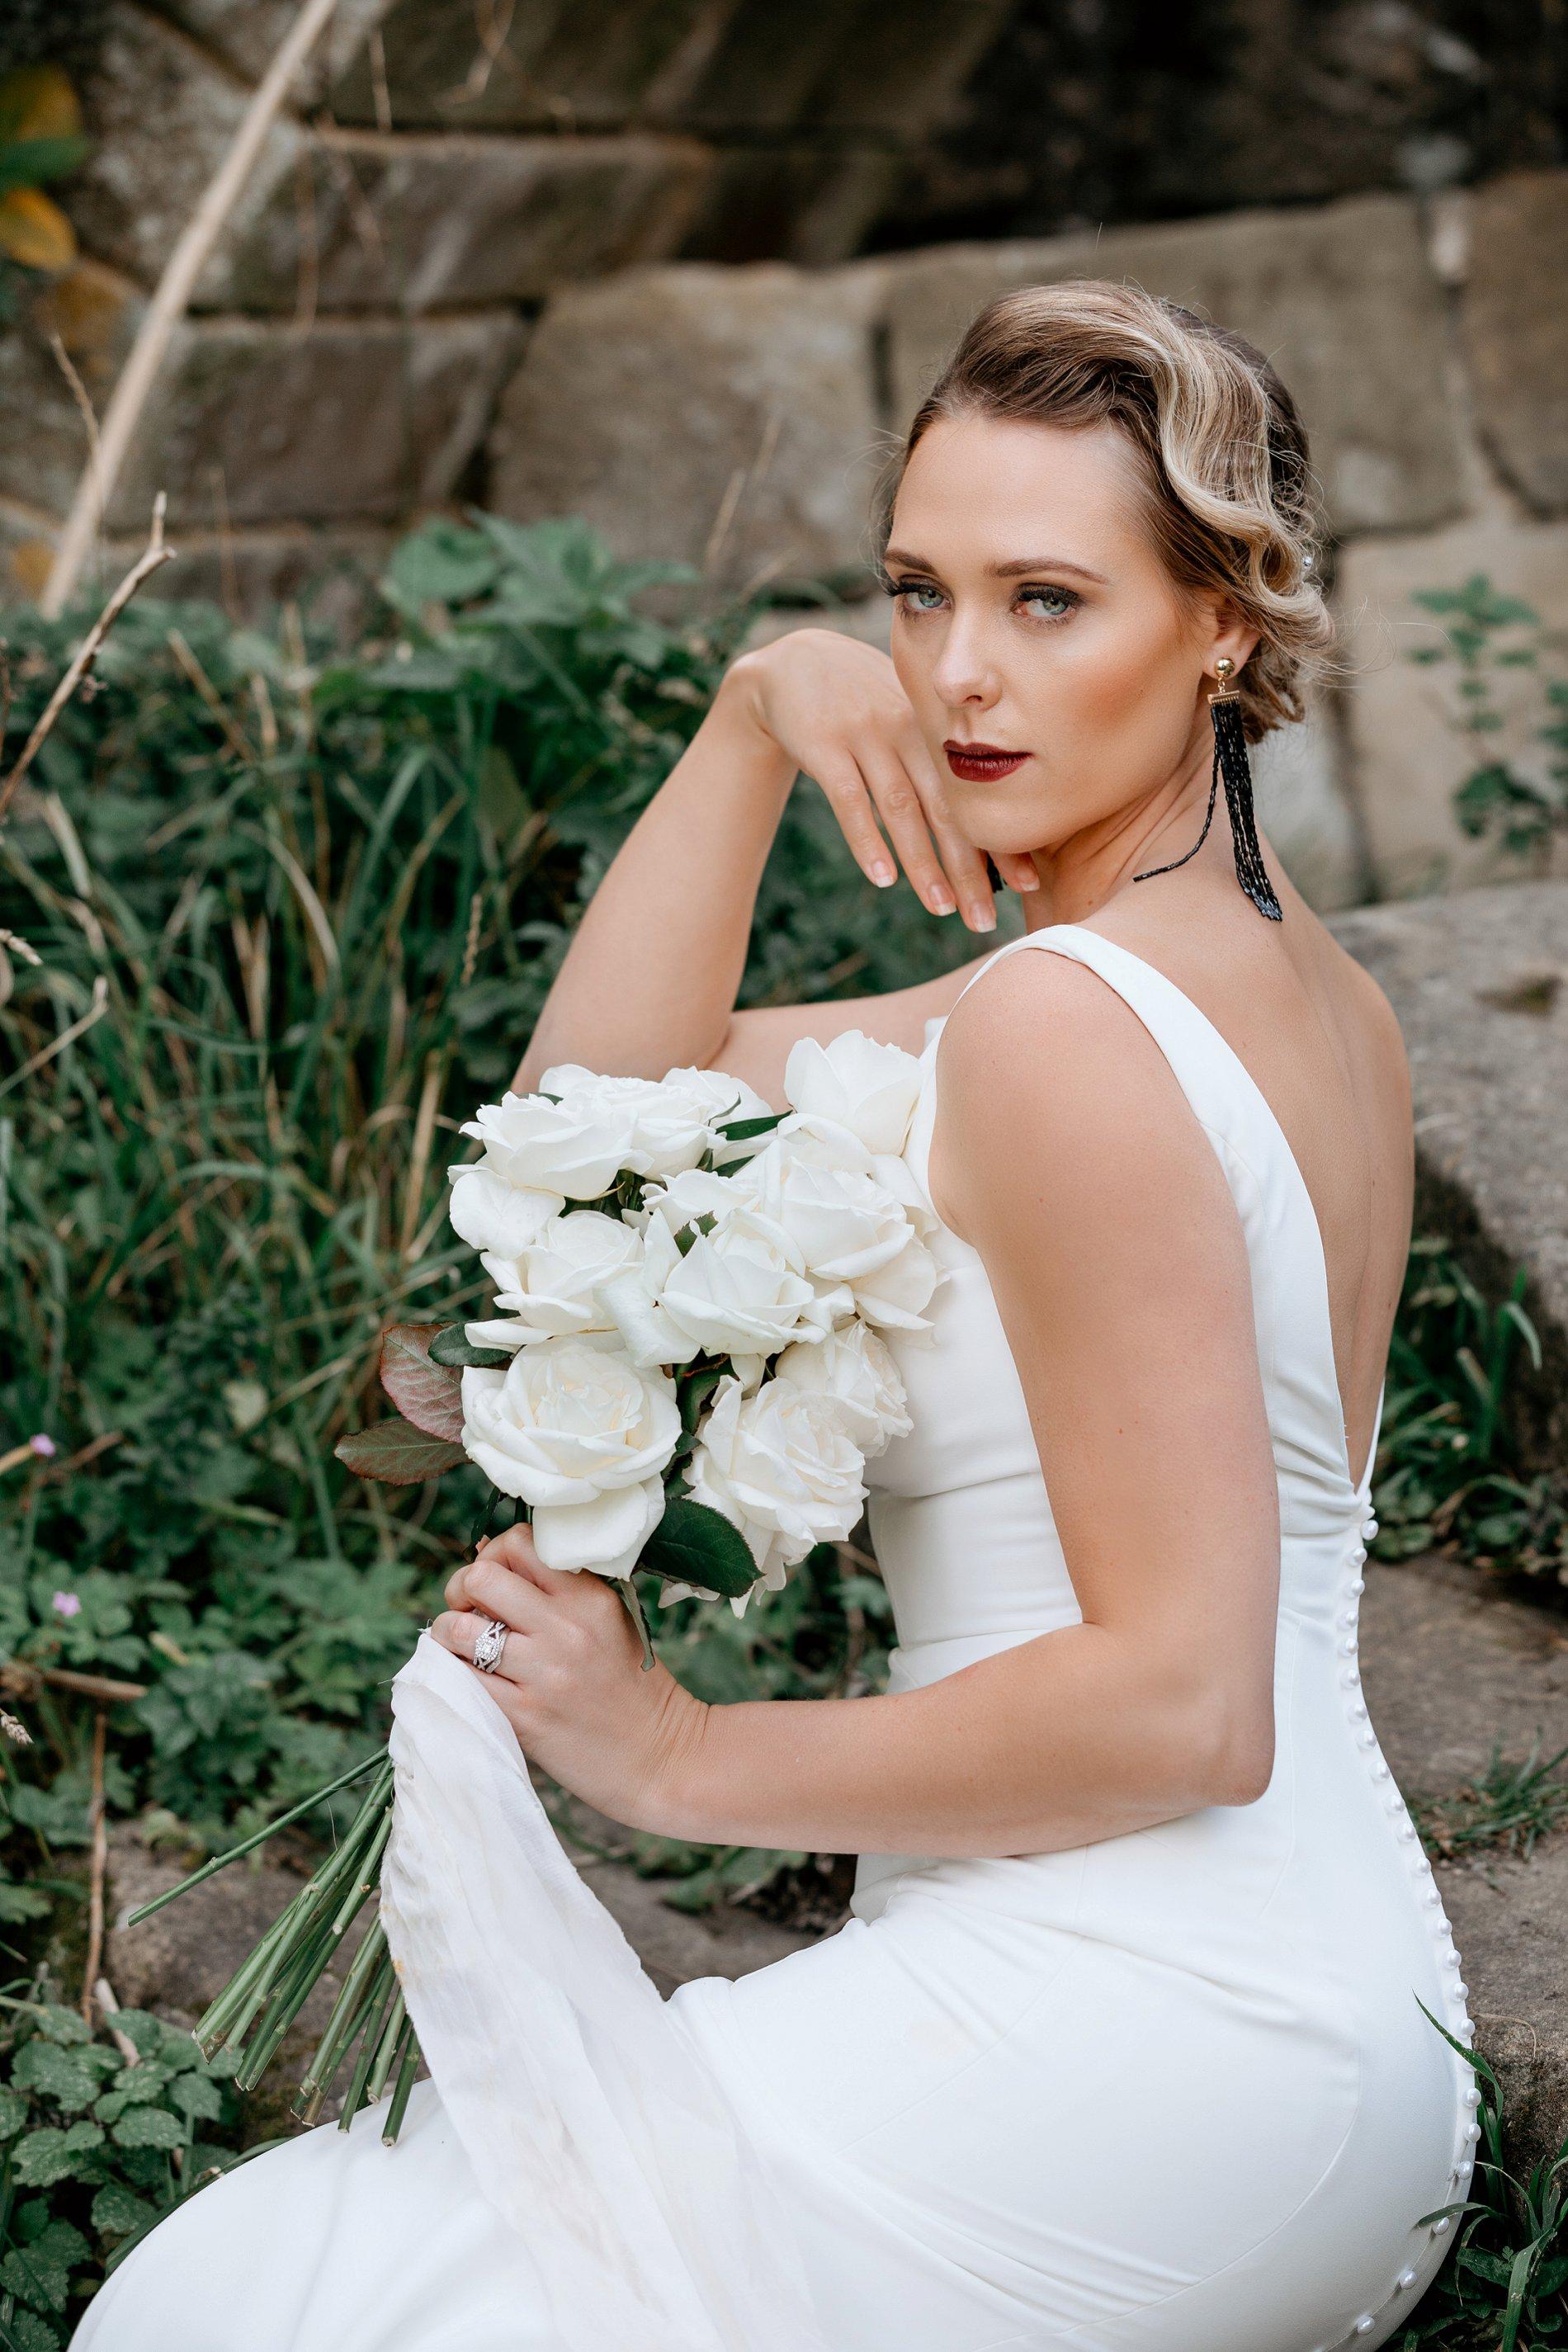 An Elegant Wedding Shoot at Jervaulx Abbey (c) Natalie Hamilton Photography (20)